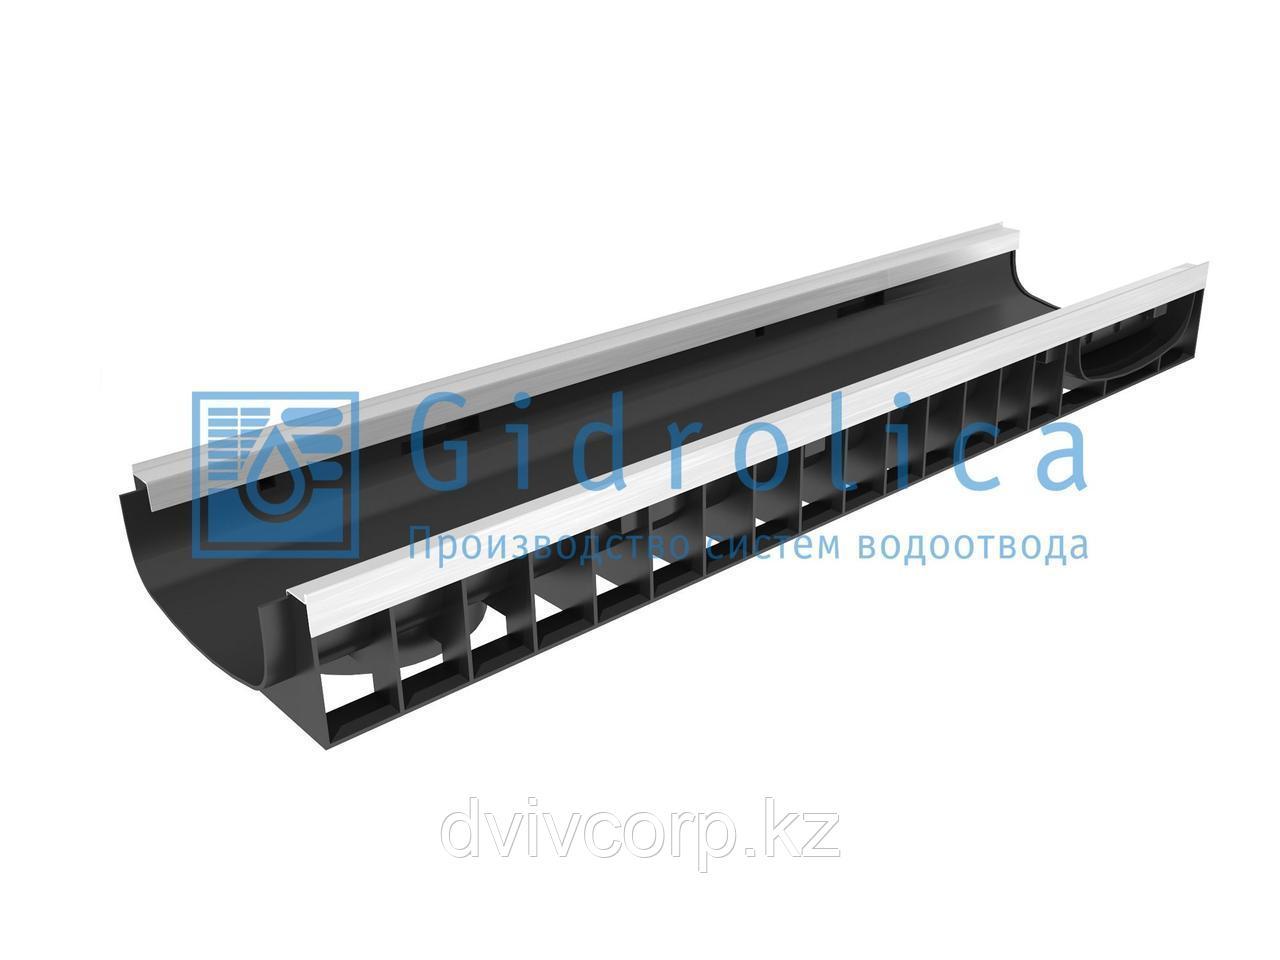 Арт. 8214 Лоток водоотводный Gidrolica Standart Plus ЛВ-20.24,6.10 - пластиковый (усиленный)